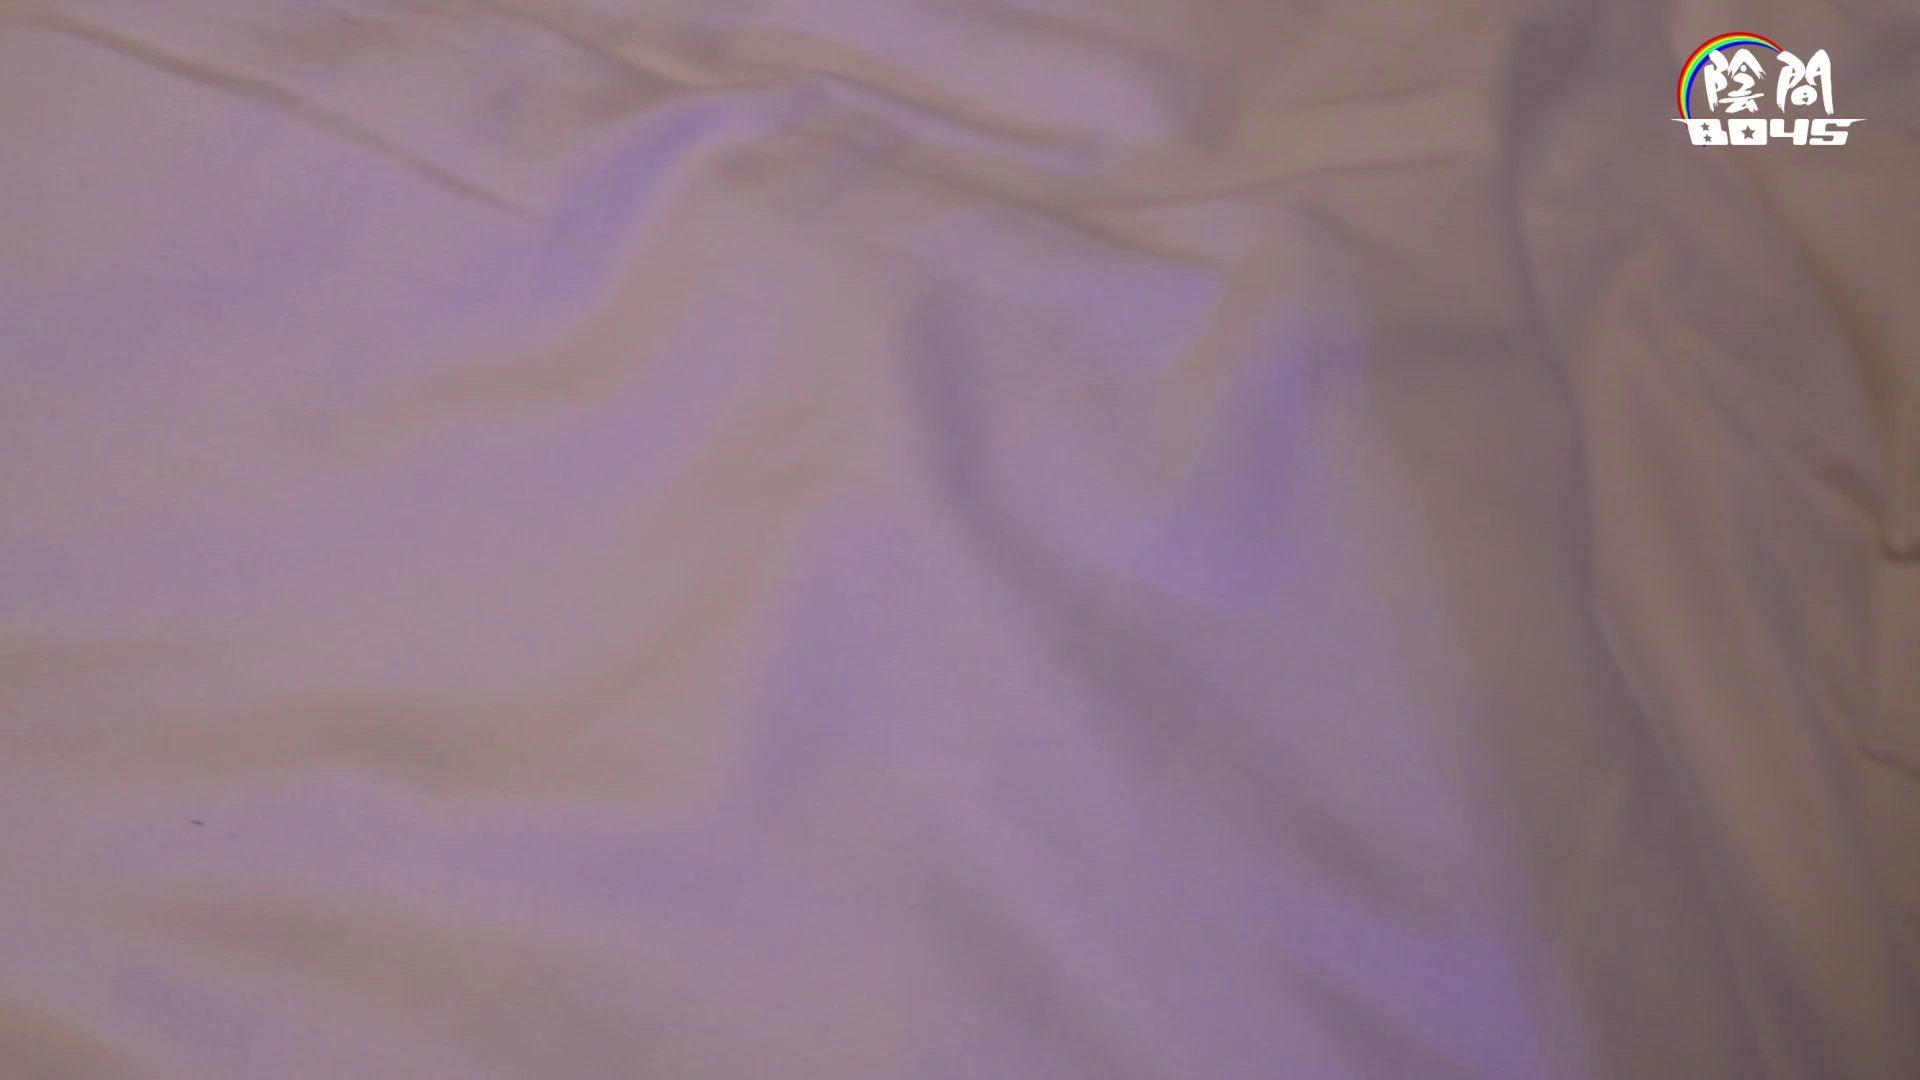 アナルで営業ワン・ツー・ スリーpart2 Vol.4 三ツ星盗撮 ゲイ丸見え画像 84pic 72